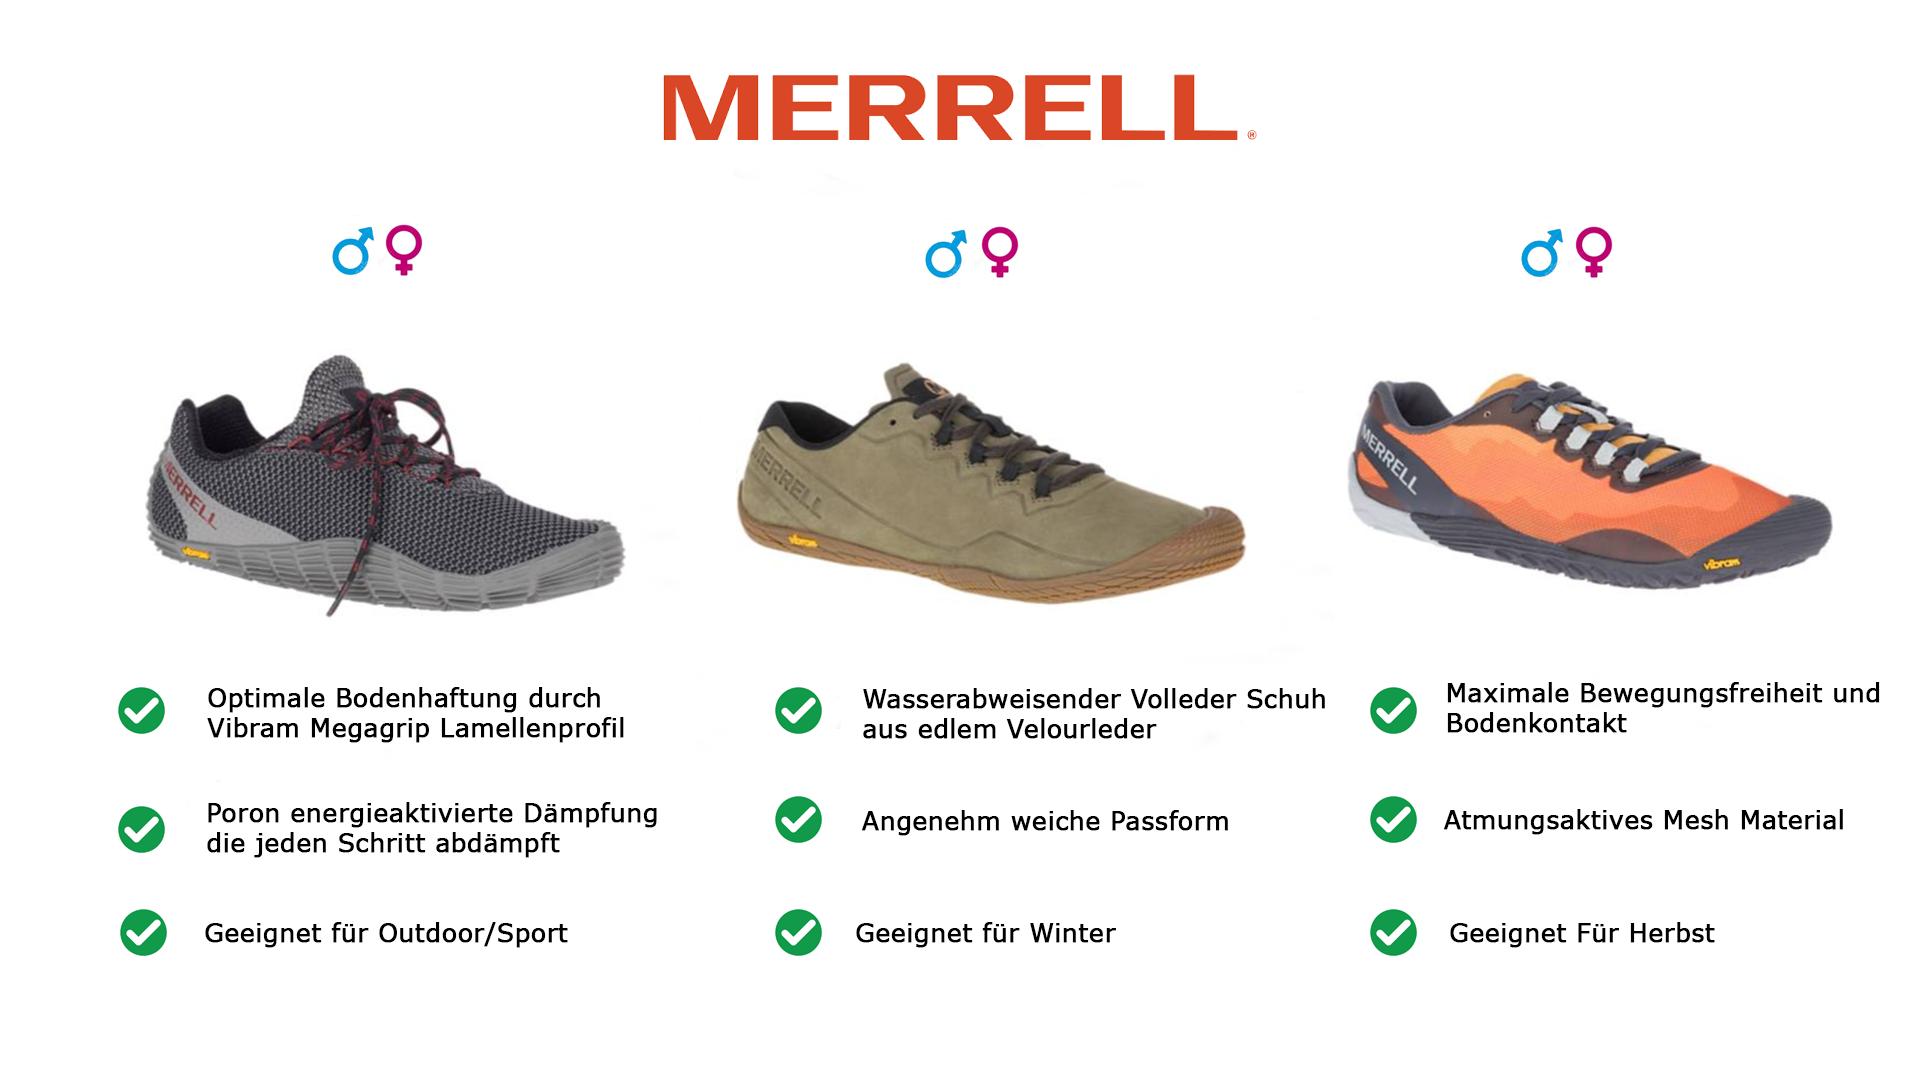 Merrell-Winterkollektion-2019rKva1D0Woerlv